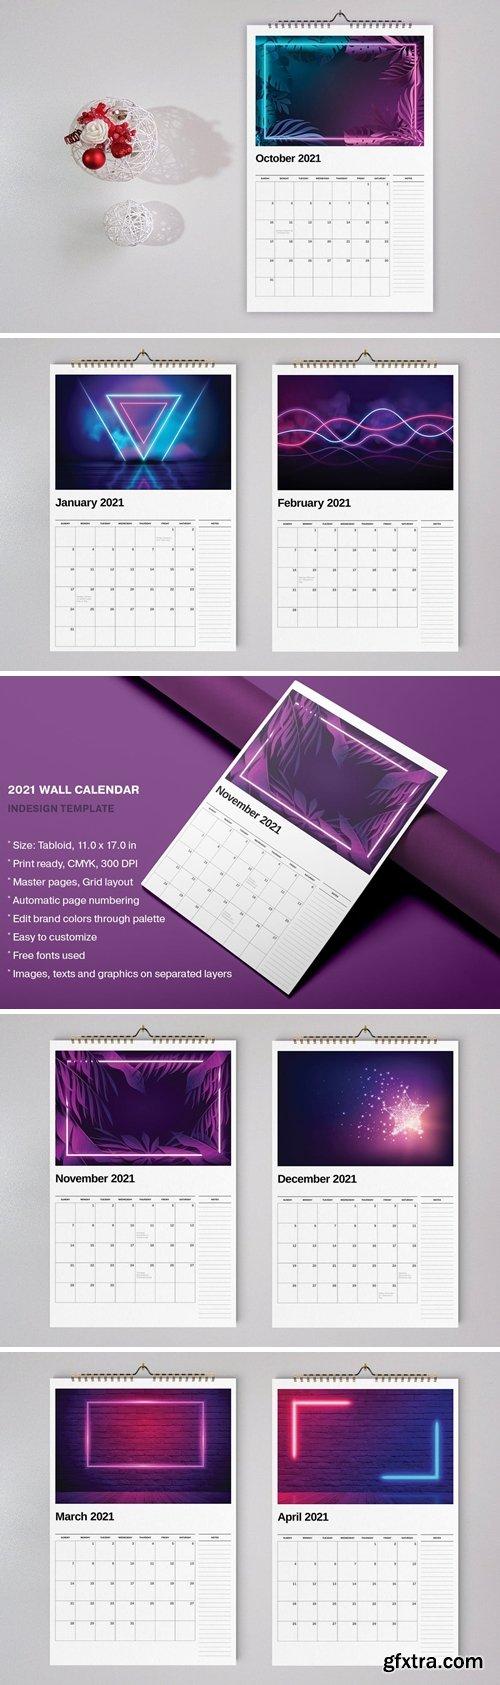 Wall Calendar 2021 Template